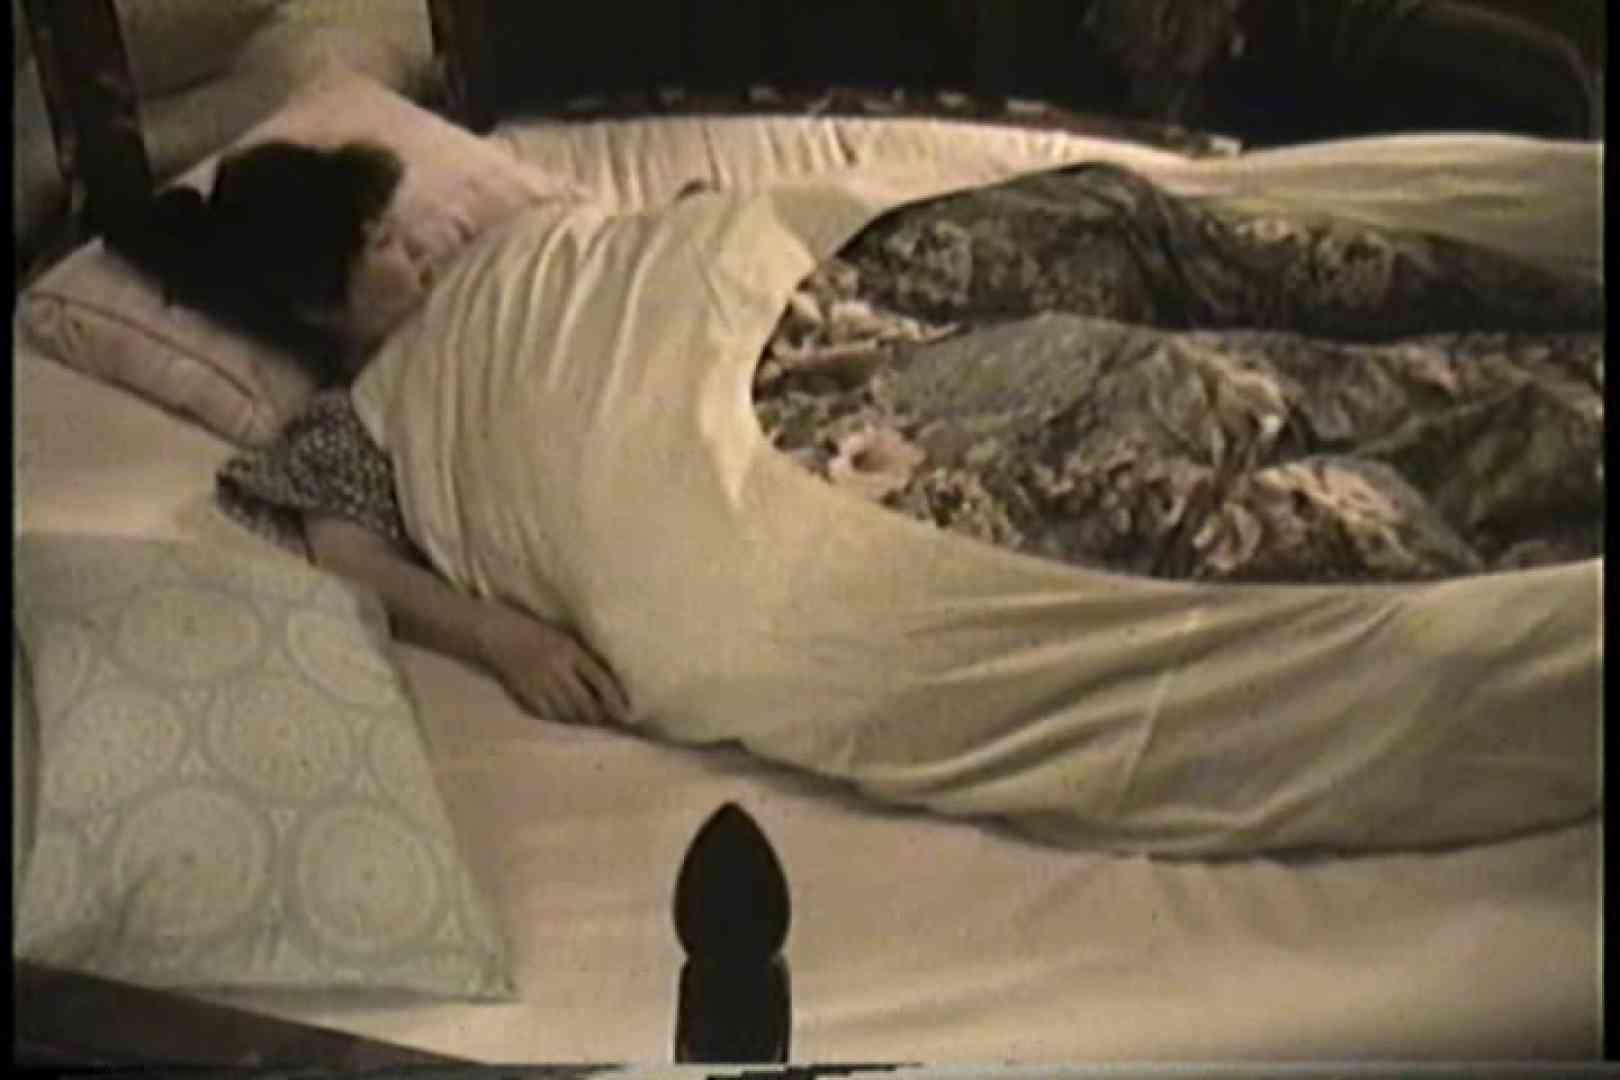 実録!ラブホテル~消し忘れ注意!昭和の色編~ vol.21 SEX映像 オマンコ動画キャプチャ 104pic 25